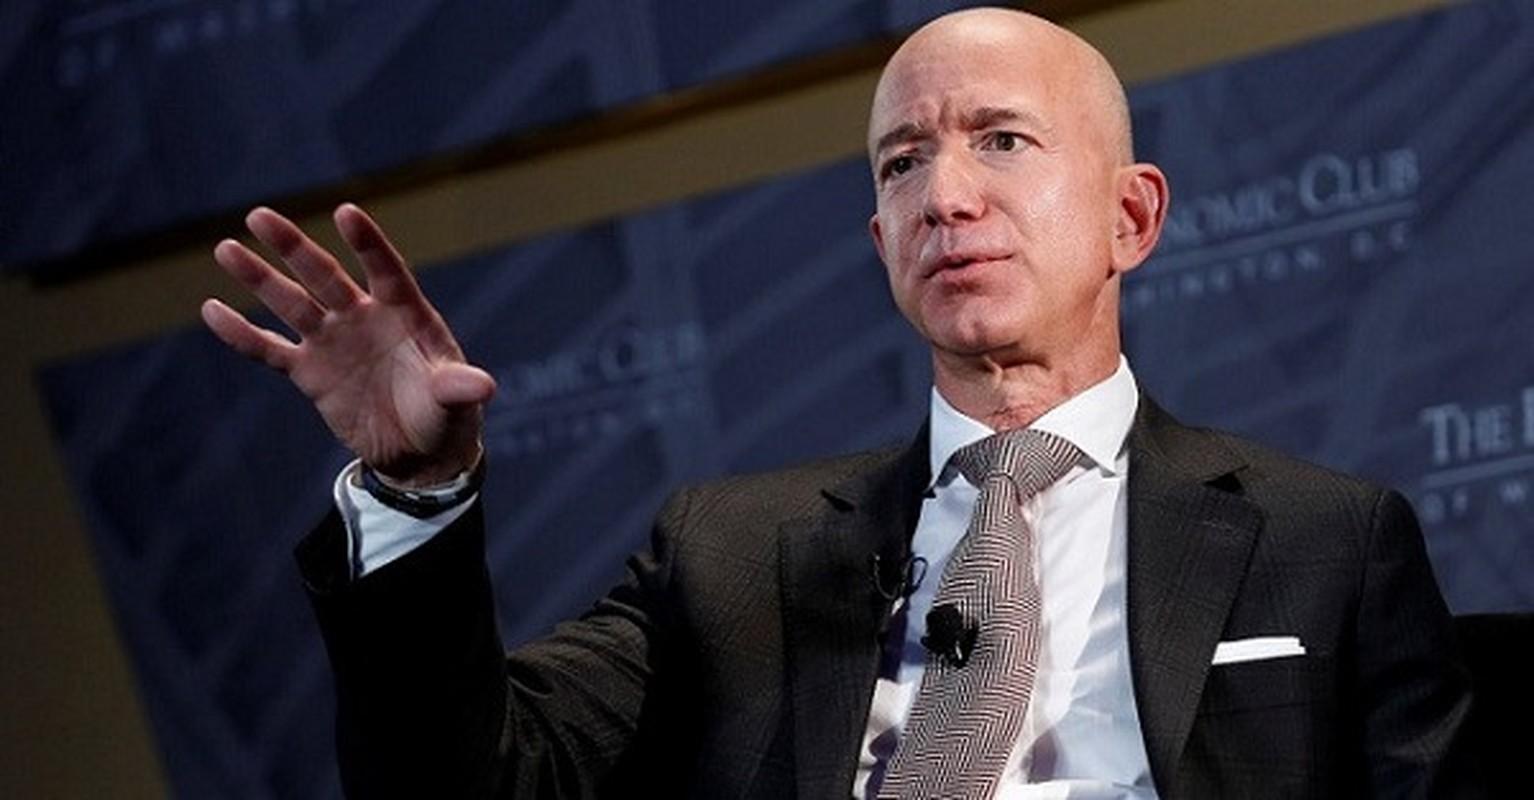 Mau giay dan tren tu lanh tiet lo dieu dac biet ve ty phu Jeff Bezos-Hinh-7